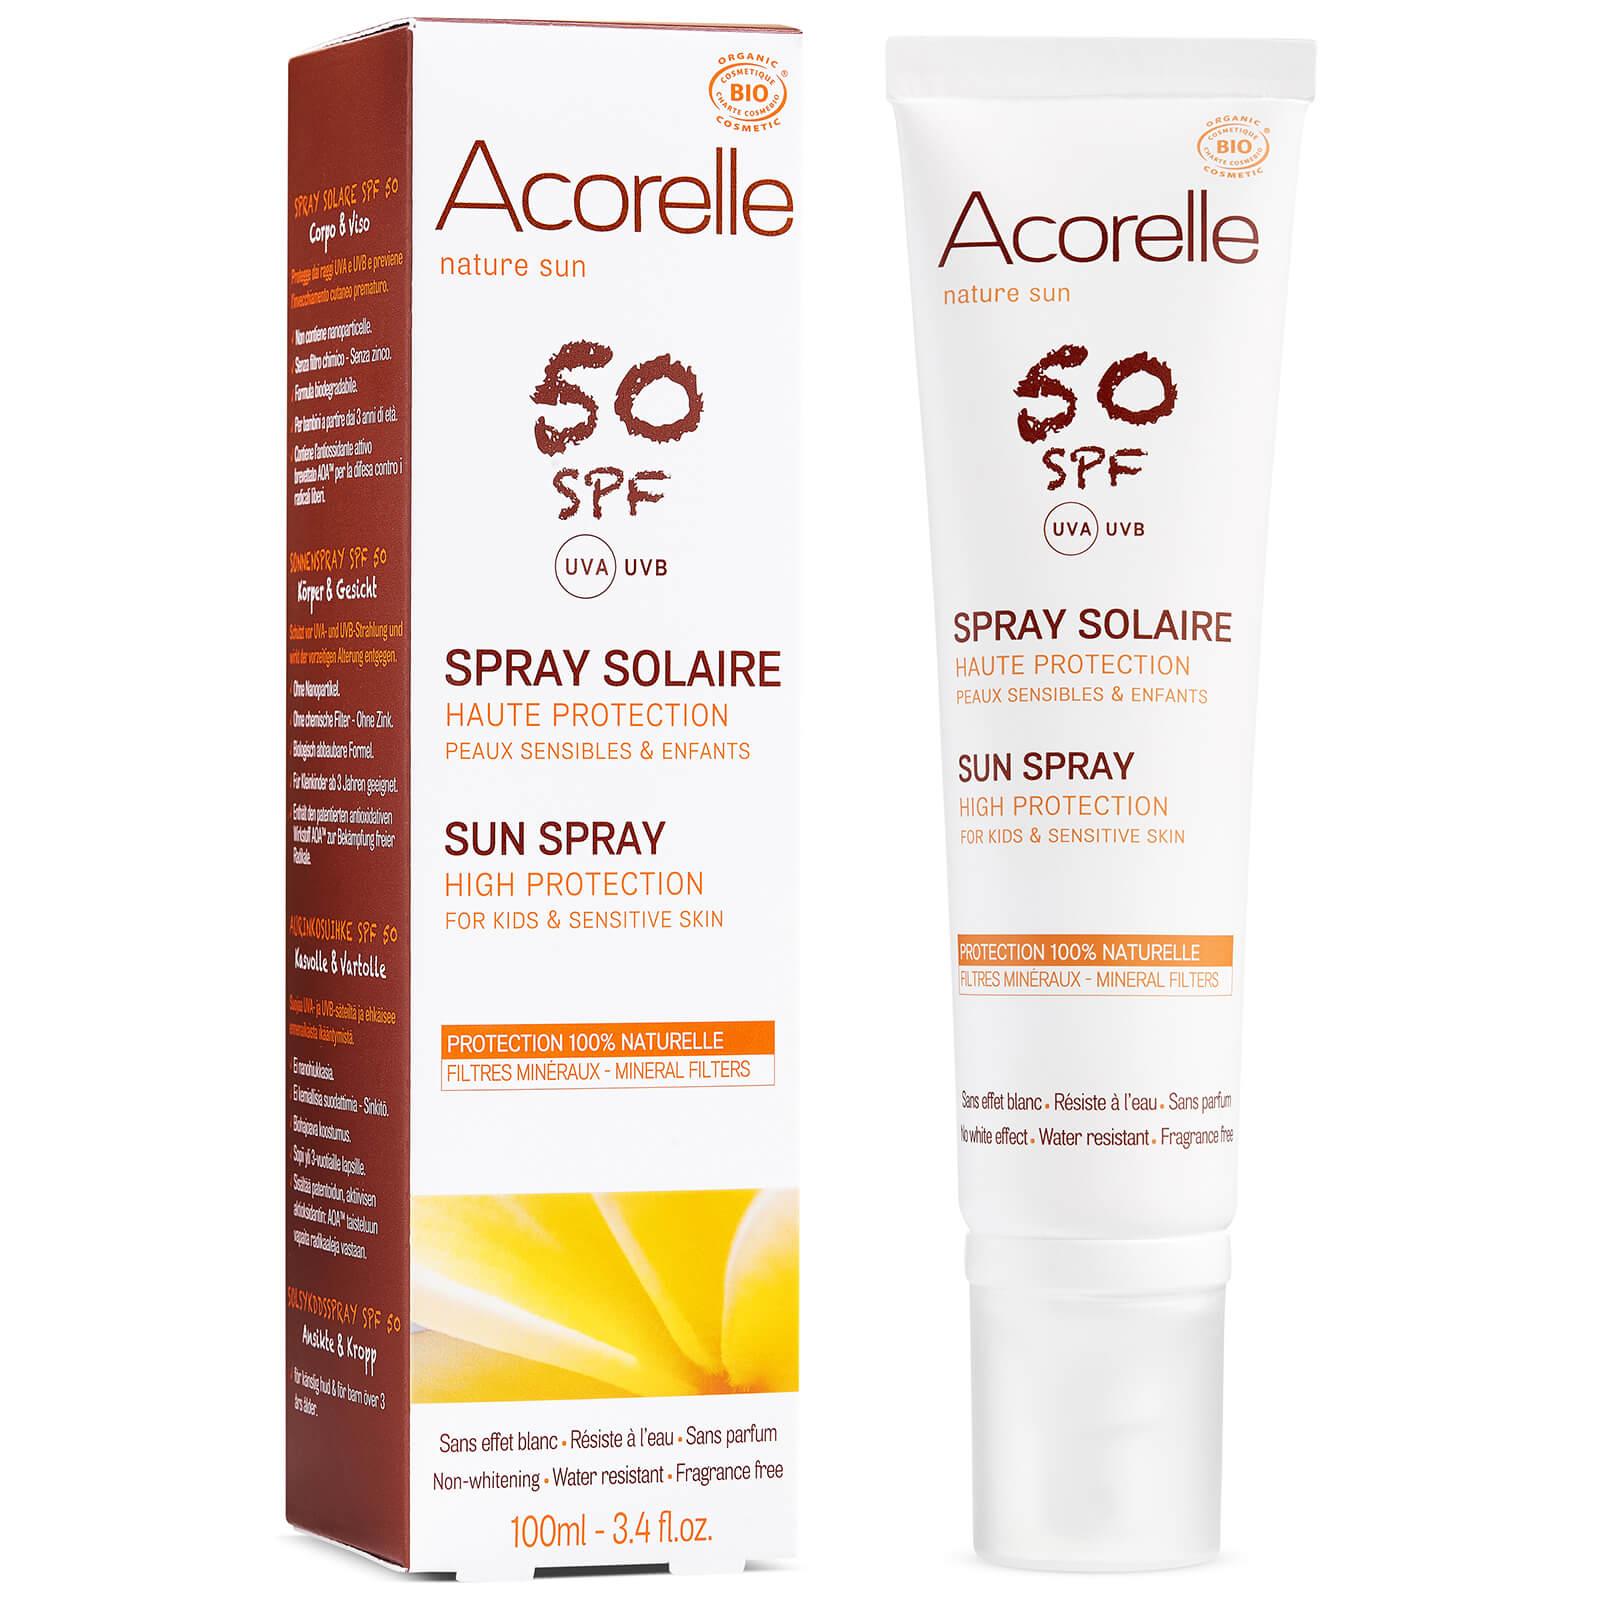 Acorelle Spray solaire bio SPF50 pour enfants Acorelle 100ml